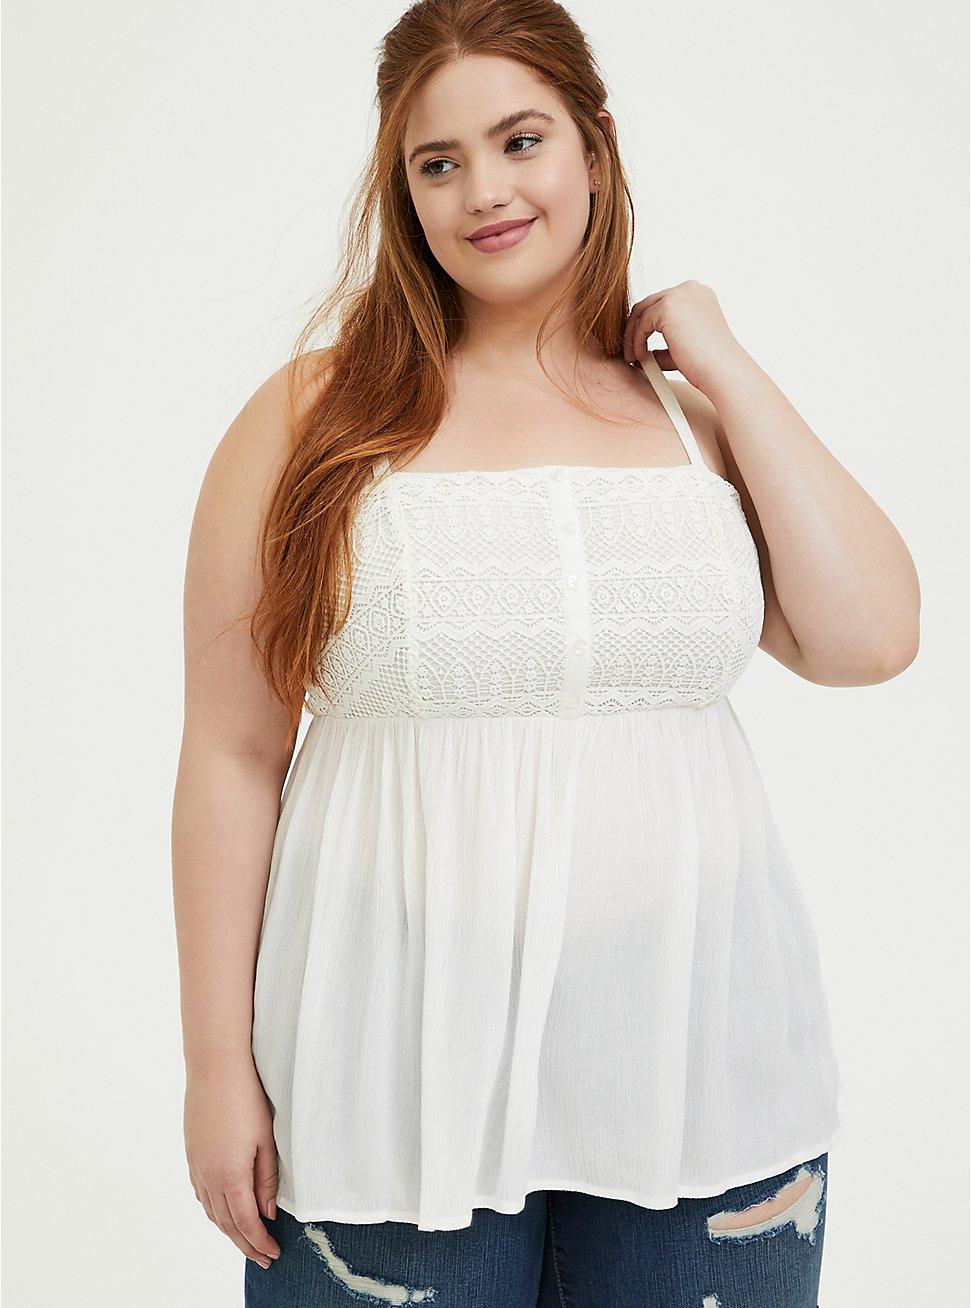 Plus Size White Gauze & Crochet Babydoll Cami, CLOUD DANCER, hi-res